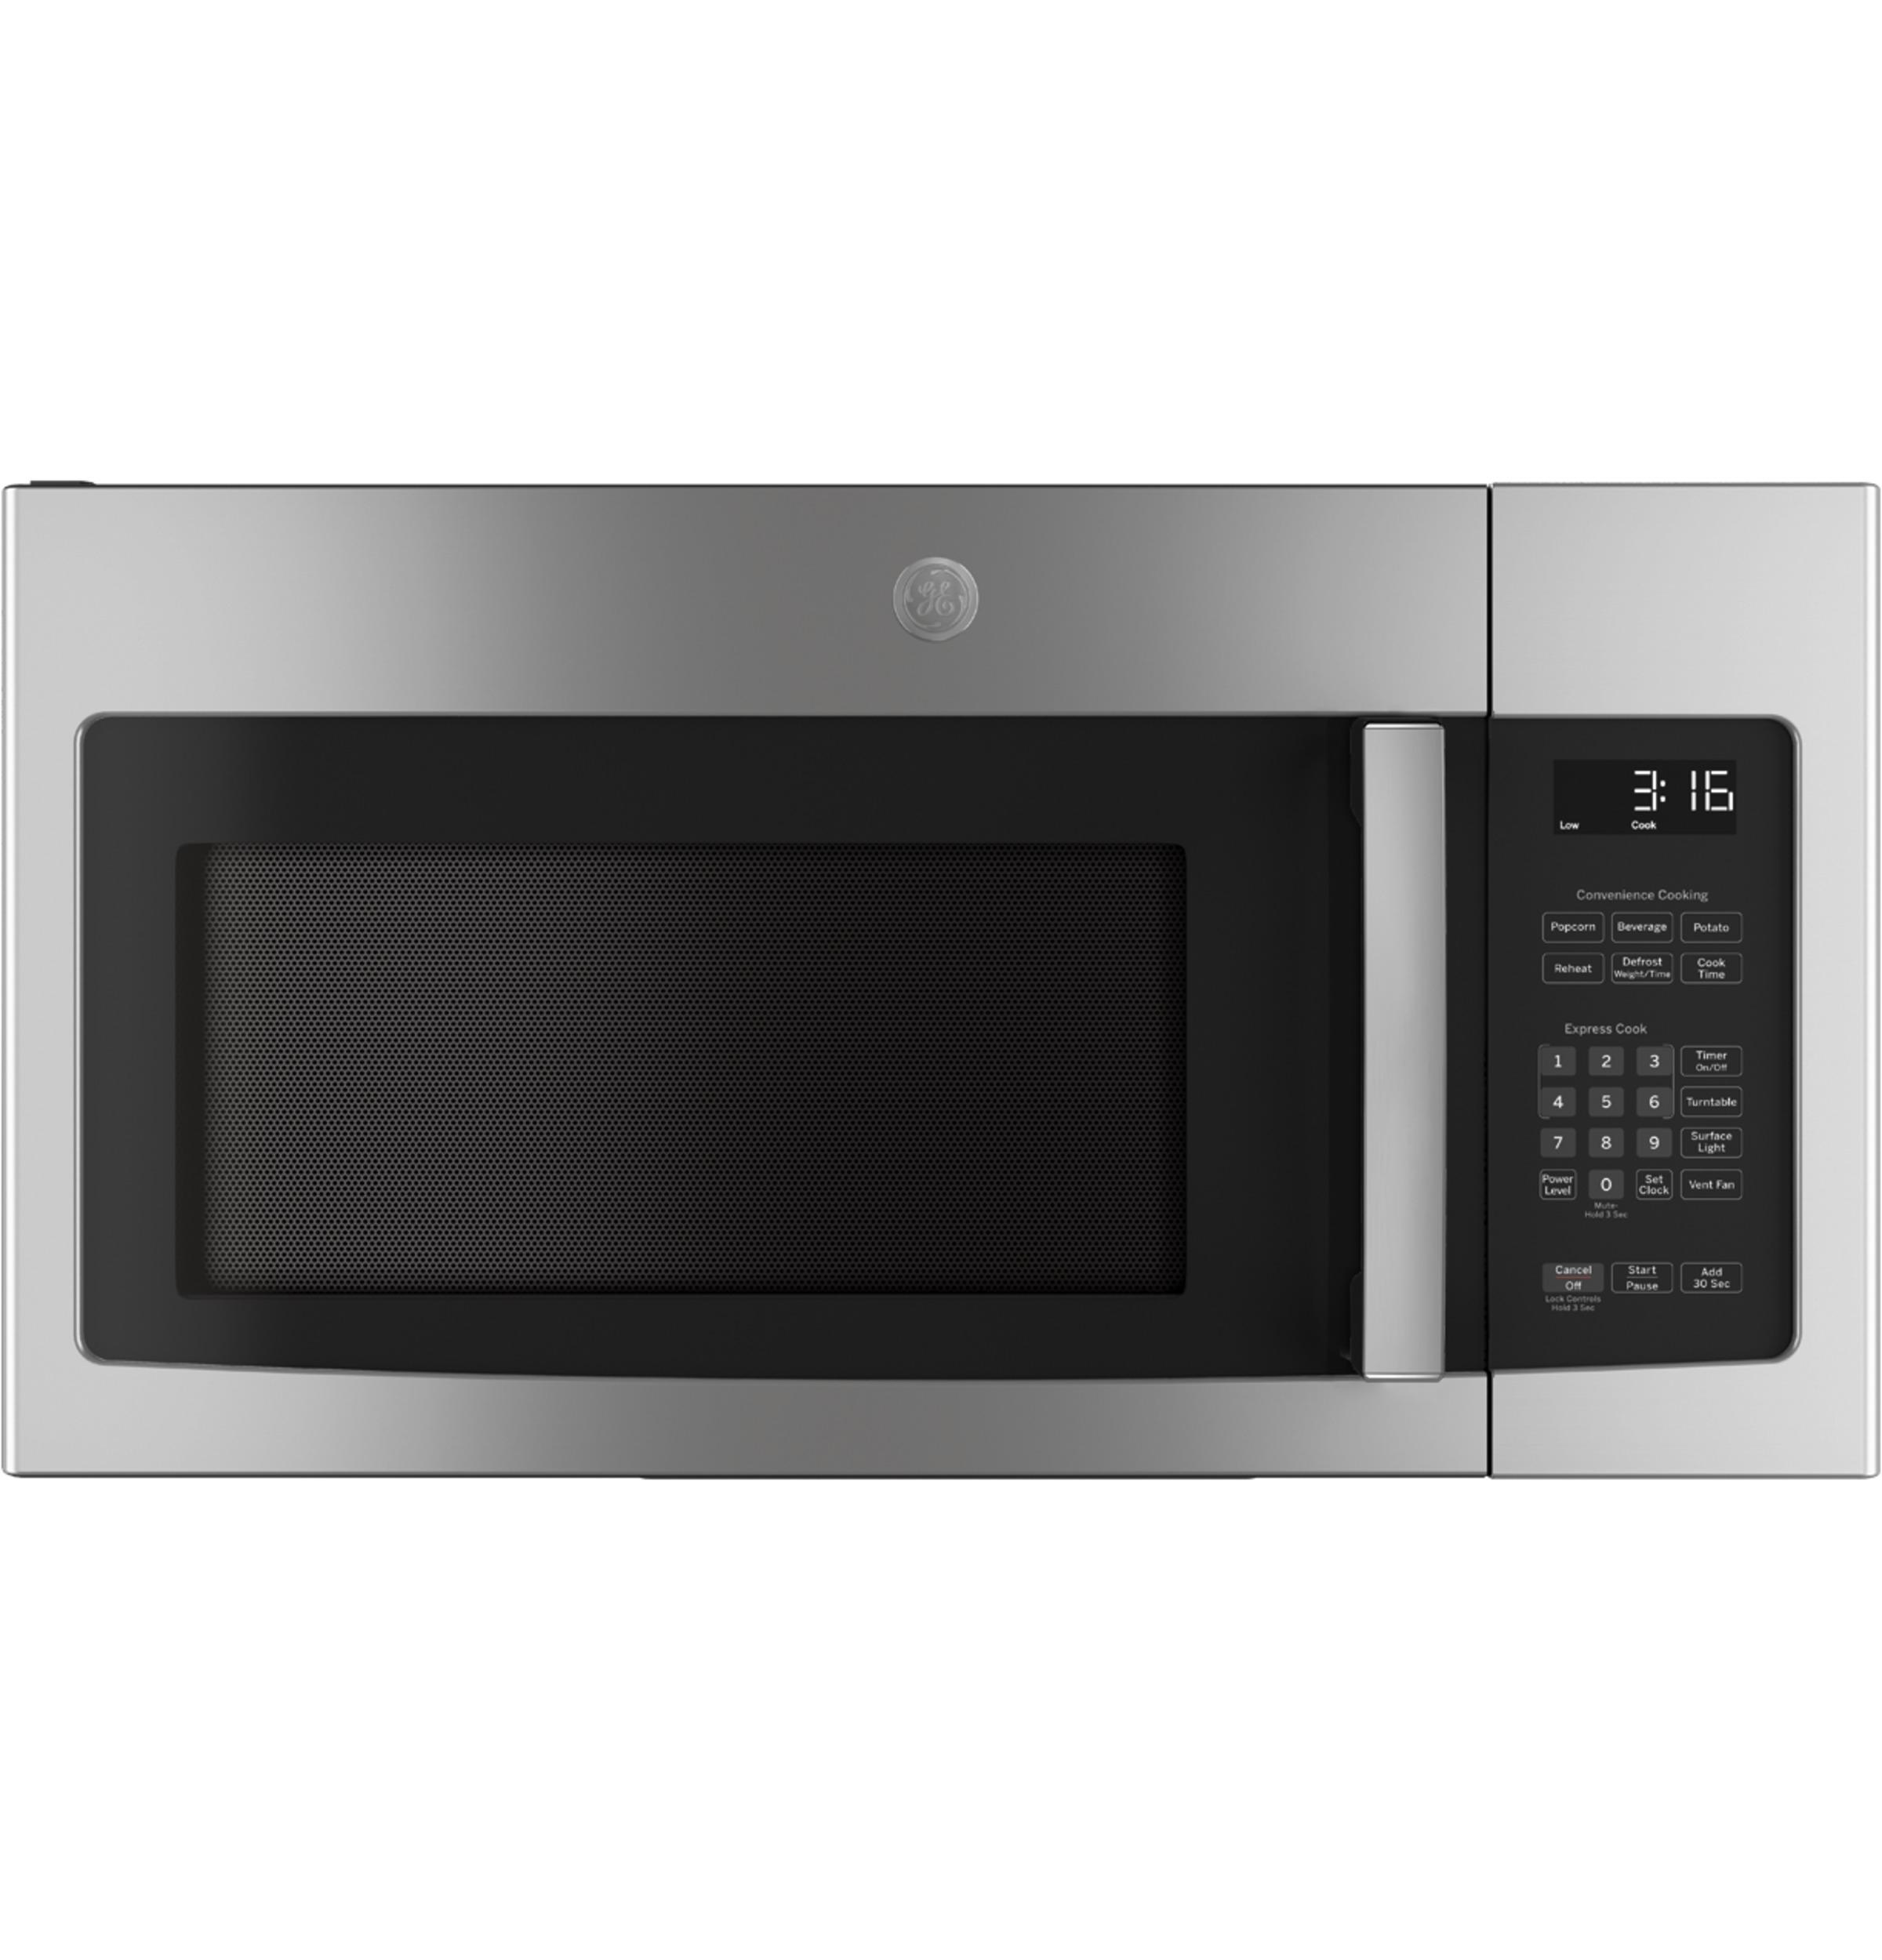 Model: JVM3162RJSS | GE GE® 1.6 Cu. Ft. Over-the-Range Microwave Oven